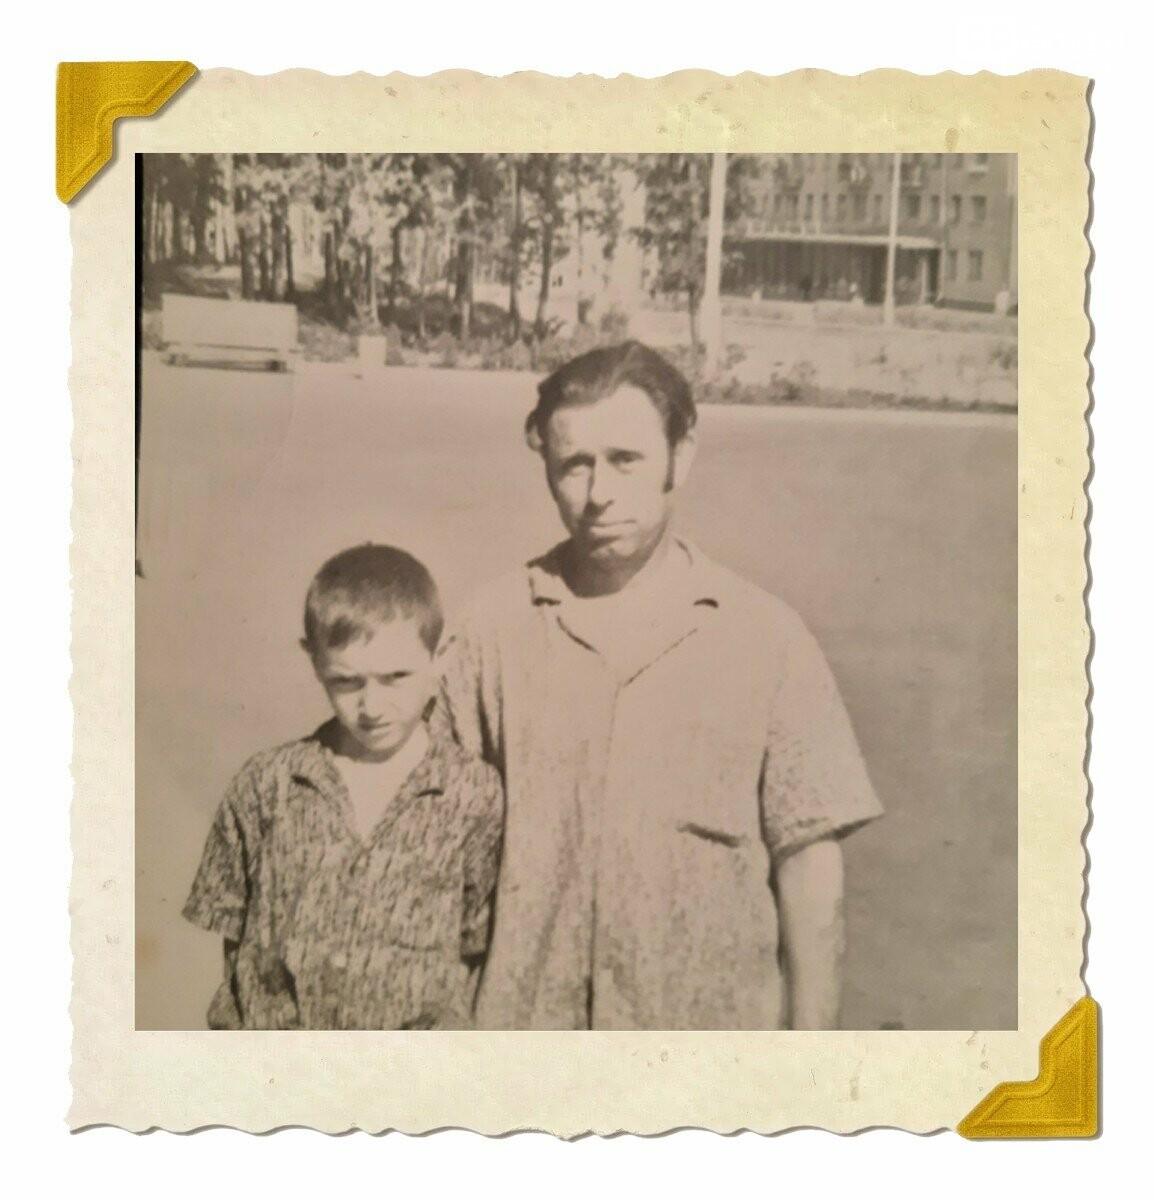 память через время...  димитровградец Вальков Михаил Яковлевич , фото-1